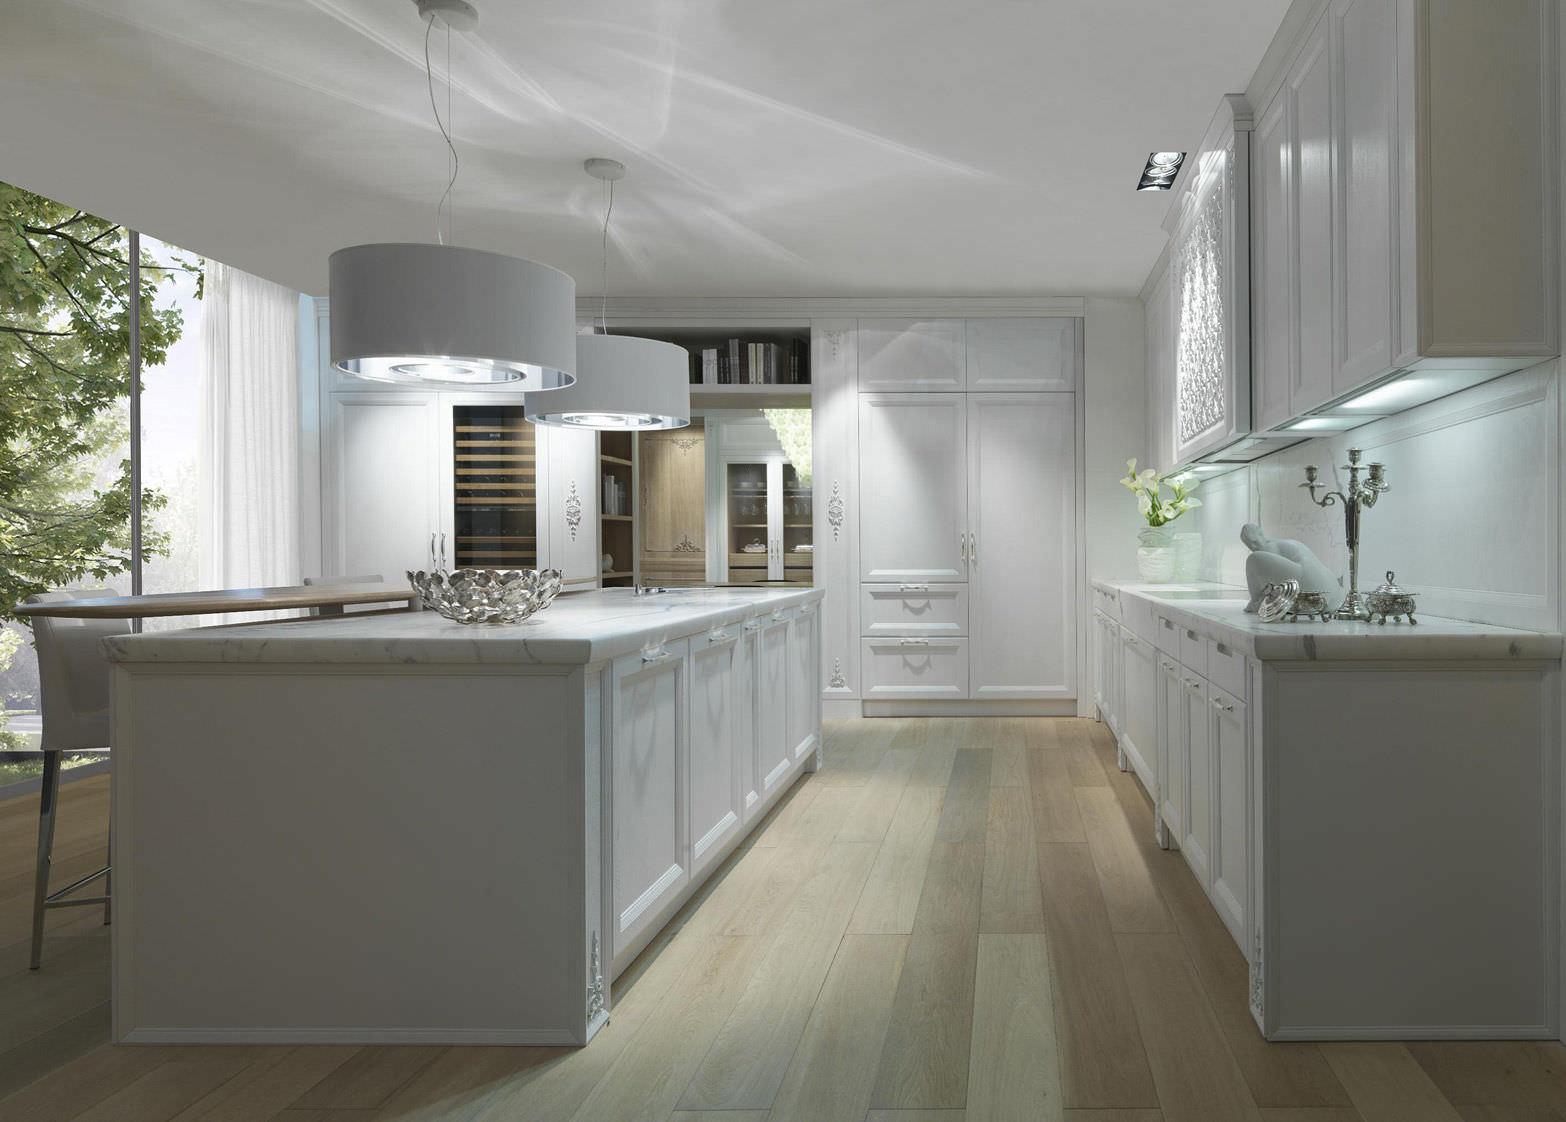 cucina moderna in marmo impiallacciata in legno princess cashmere